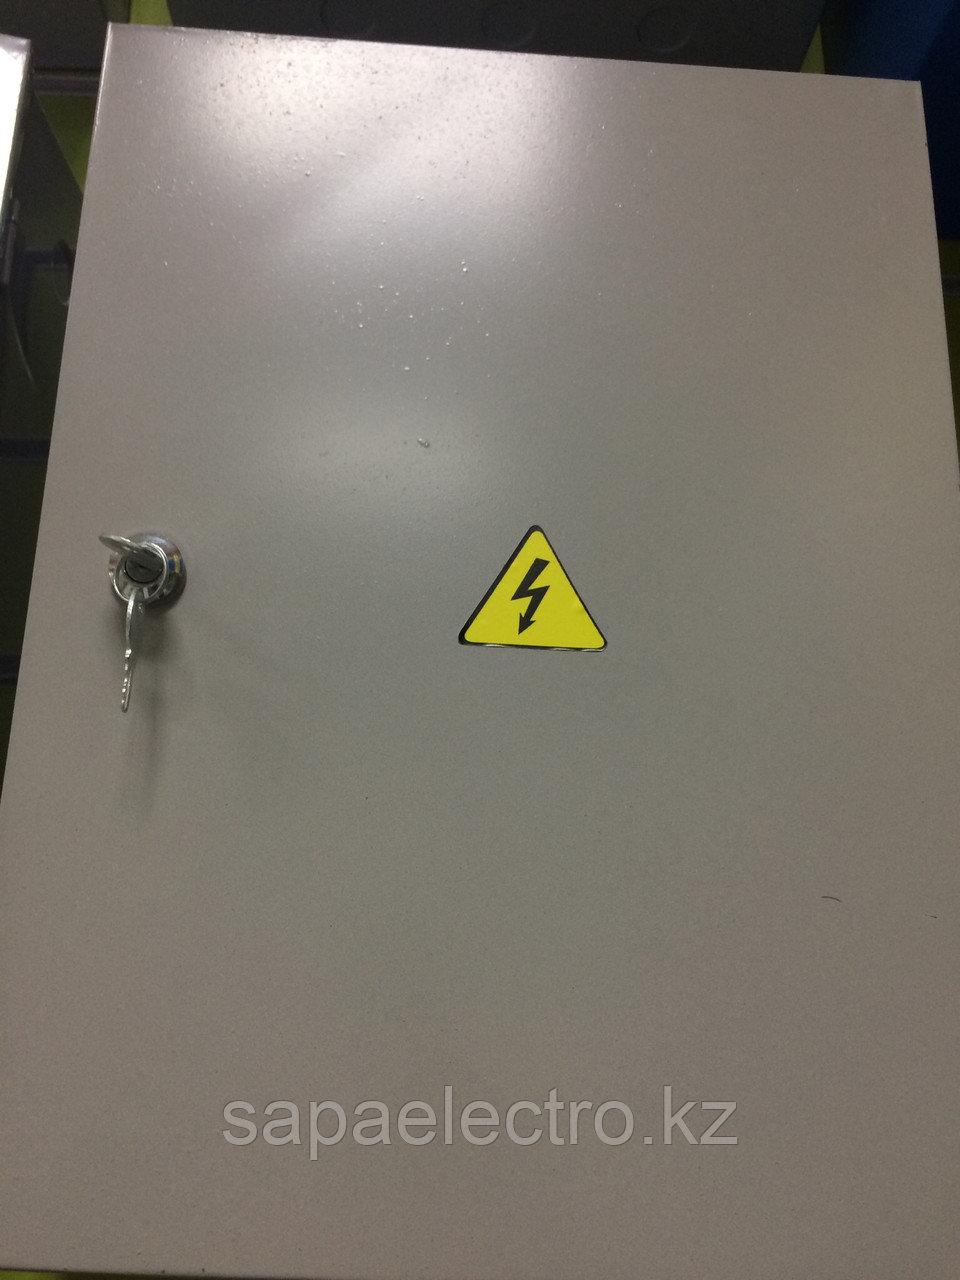 Сборка электросчетчик ,Алтай\Дала 3 фазный 1 тарифный  щит простой без окна